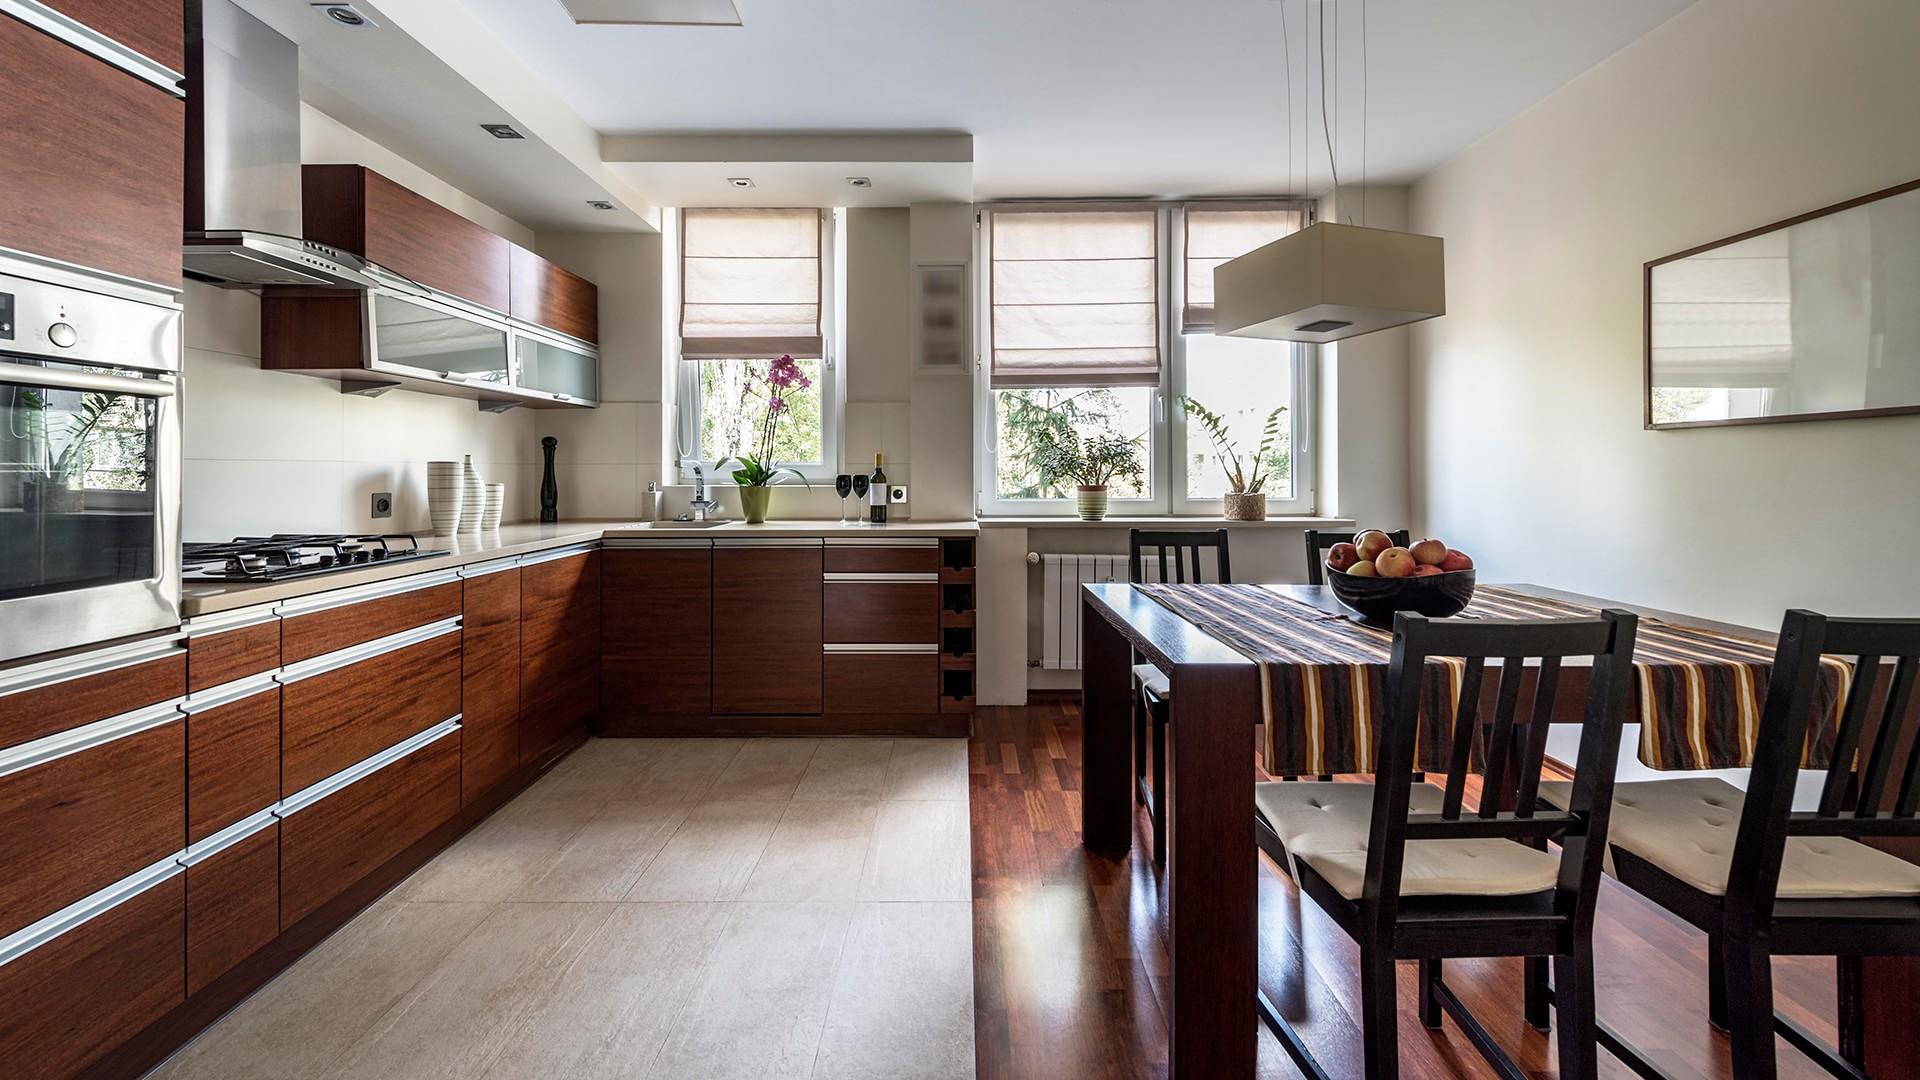 Комбинированные полы из плитки и ламината на кухне 40 фото особенности сочетания и оформление перехода ламината в плитку правила стыковки материалов и дизайн стыка